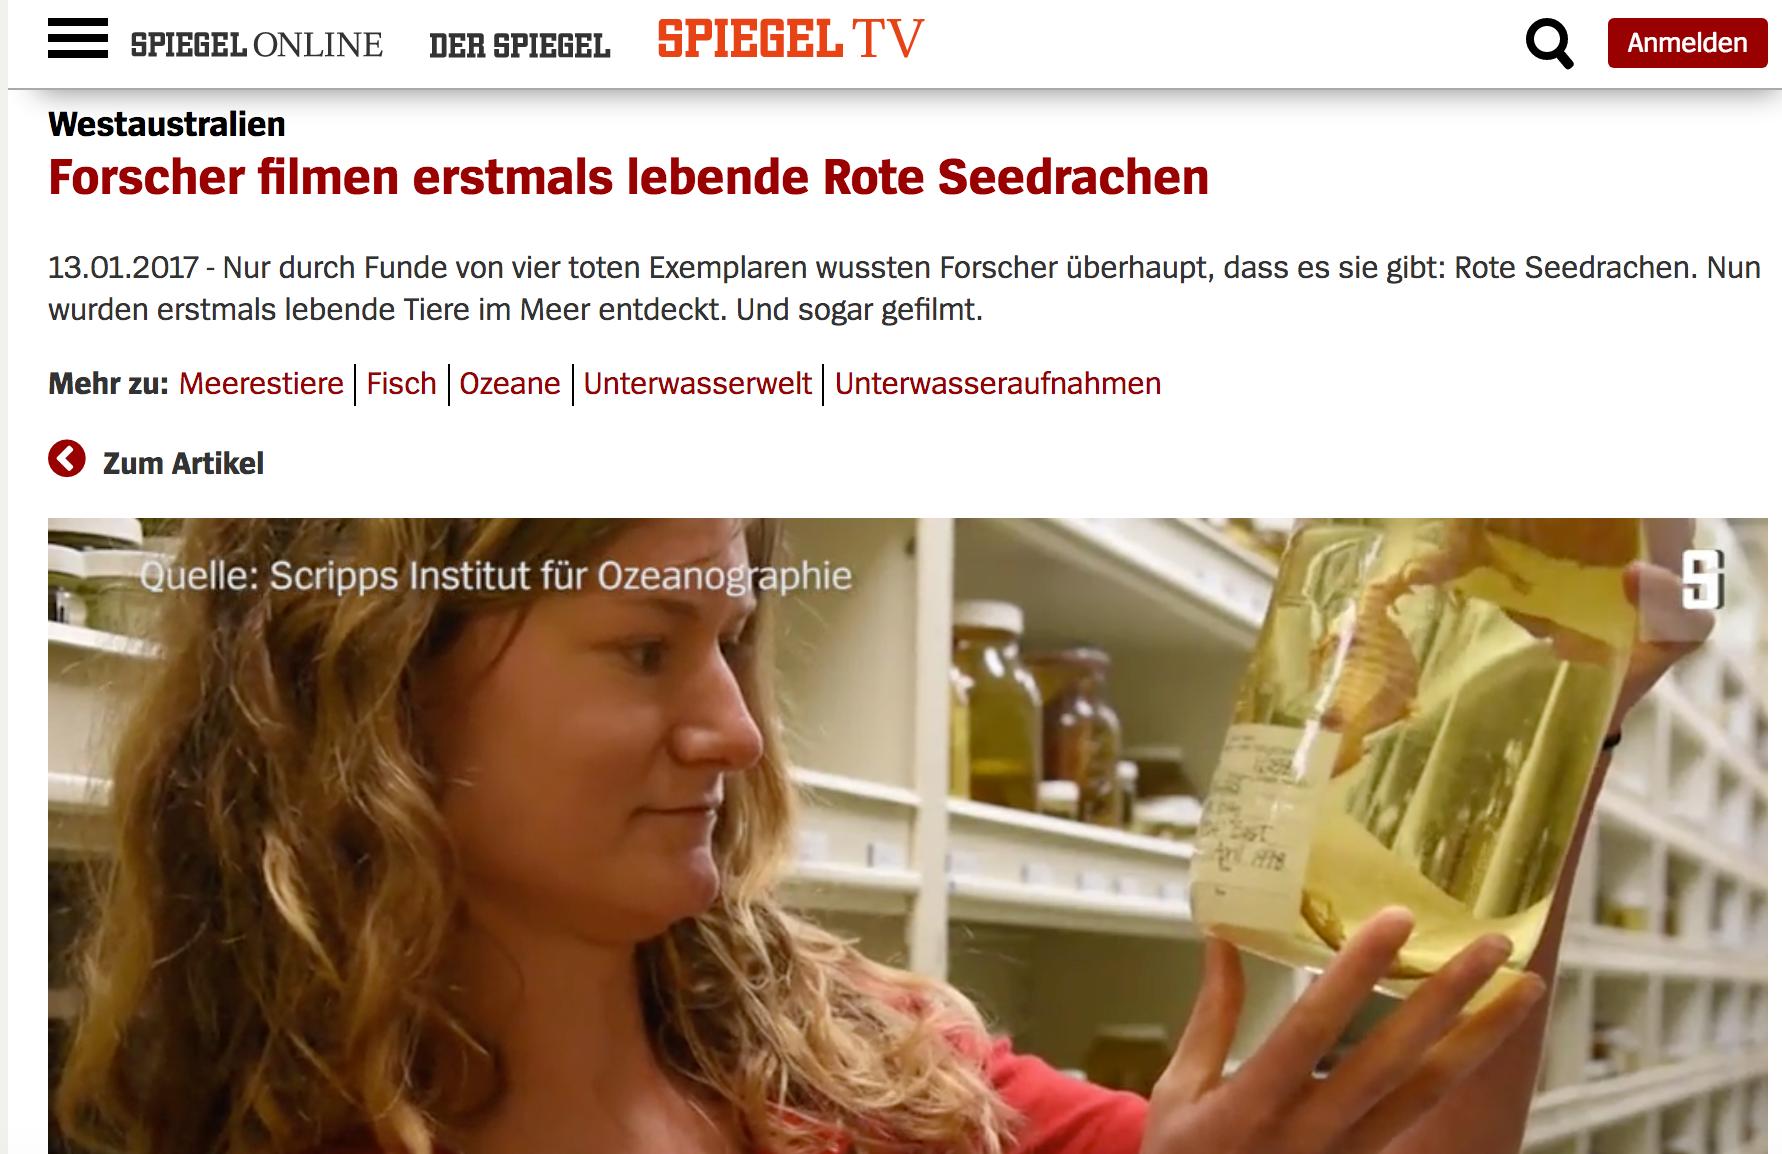 SpiegelOnline